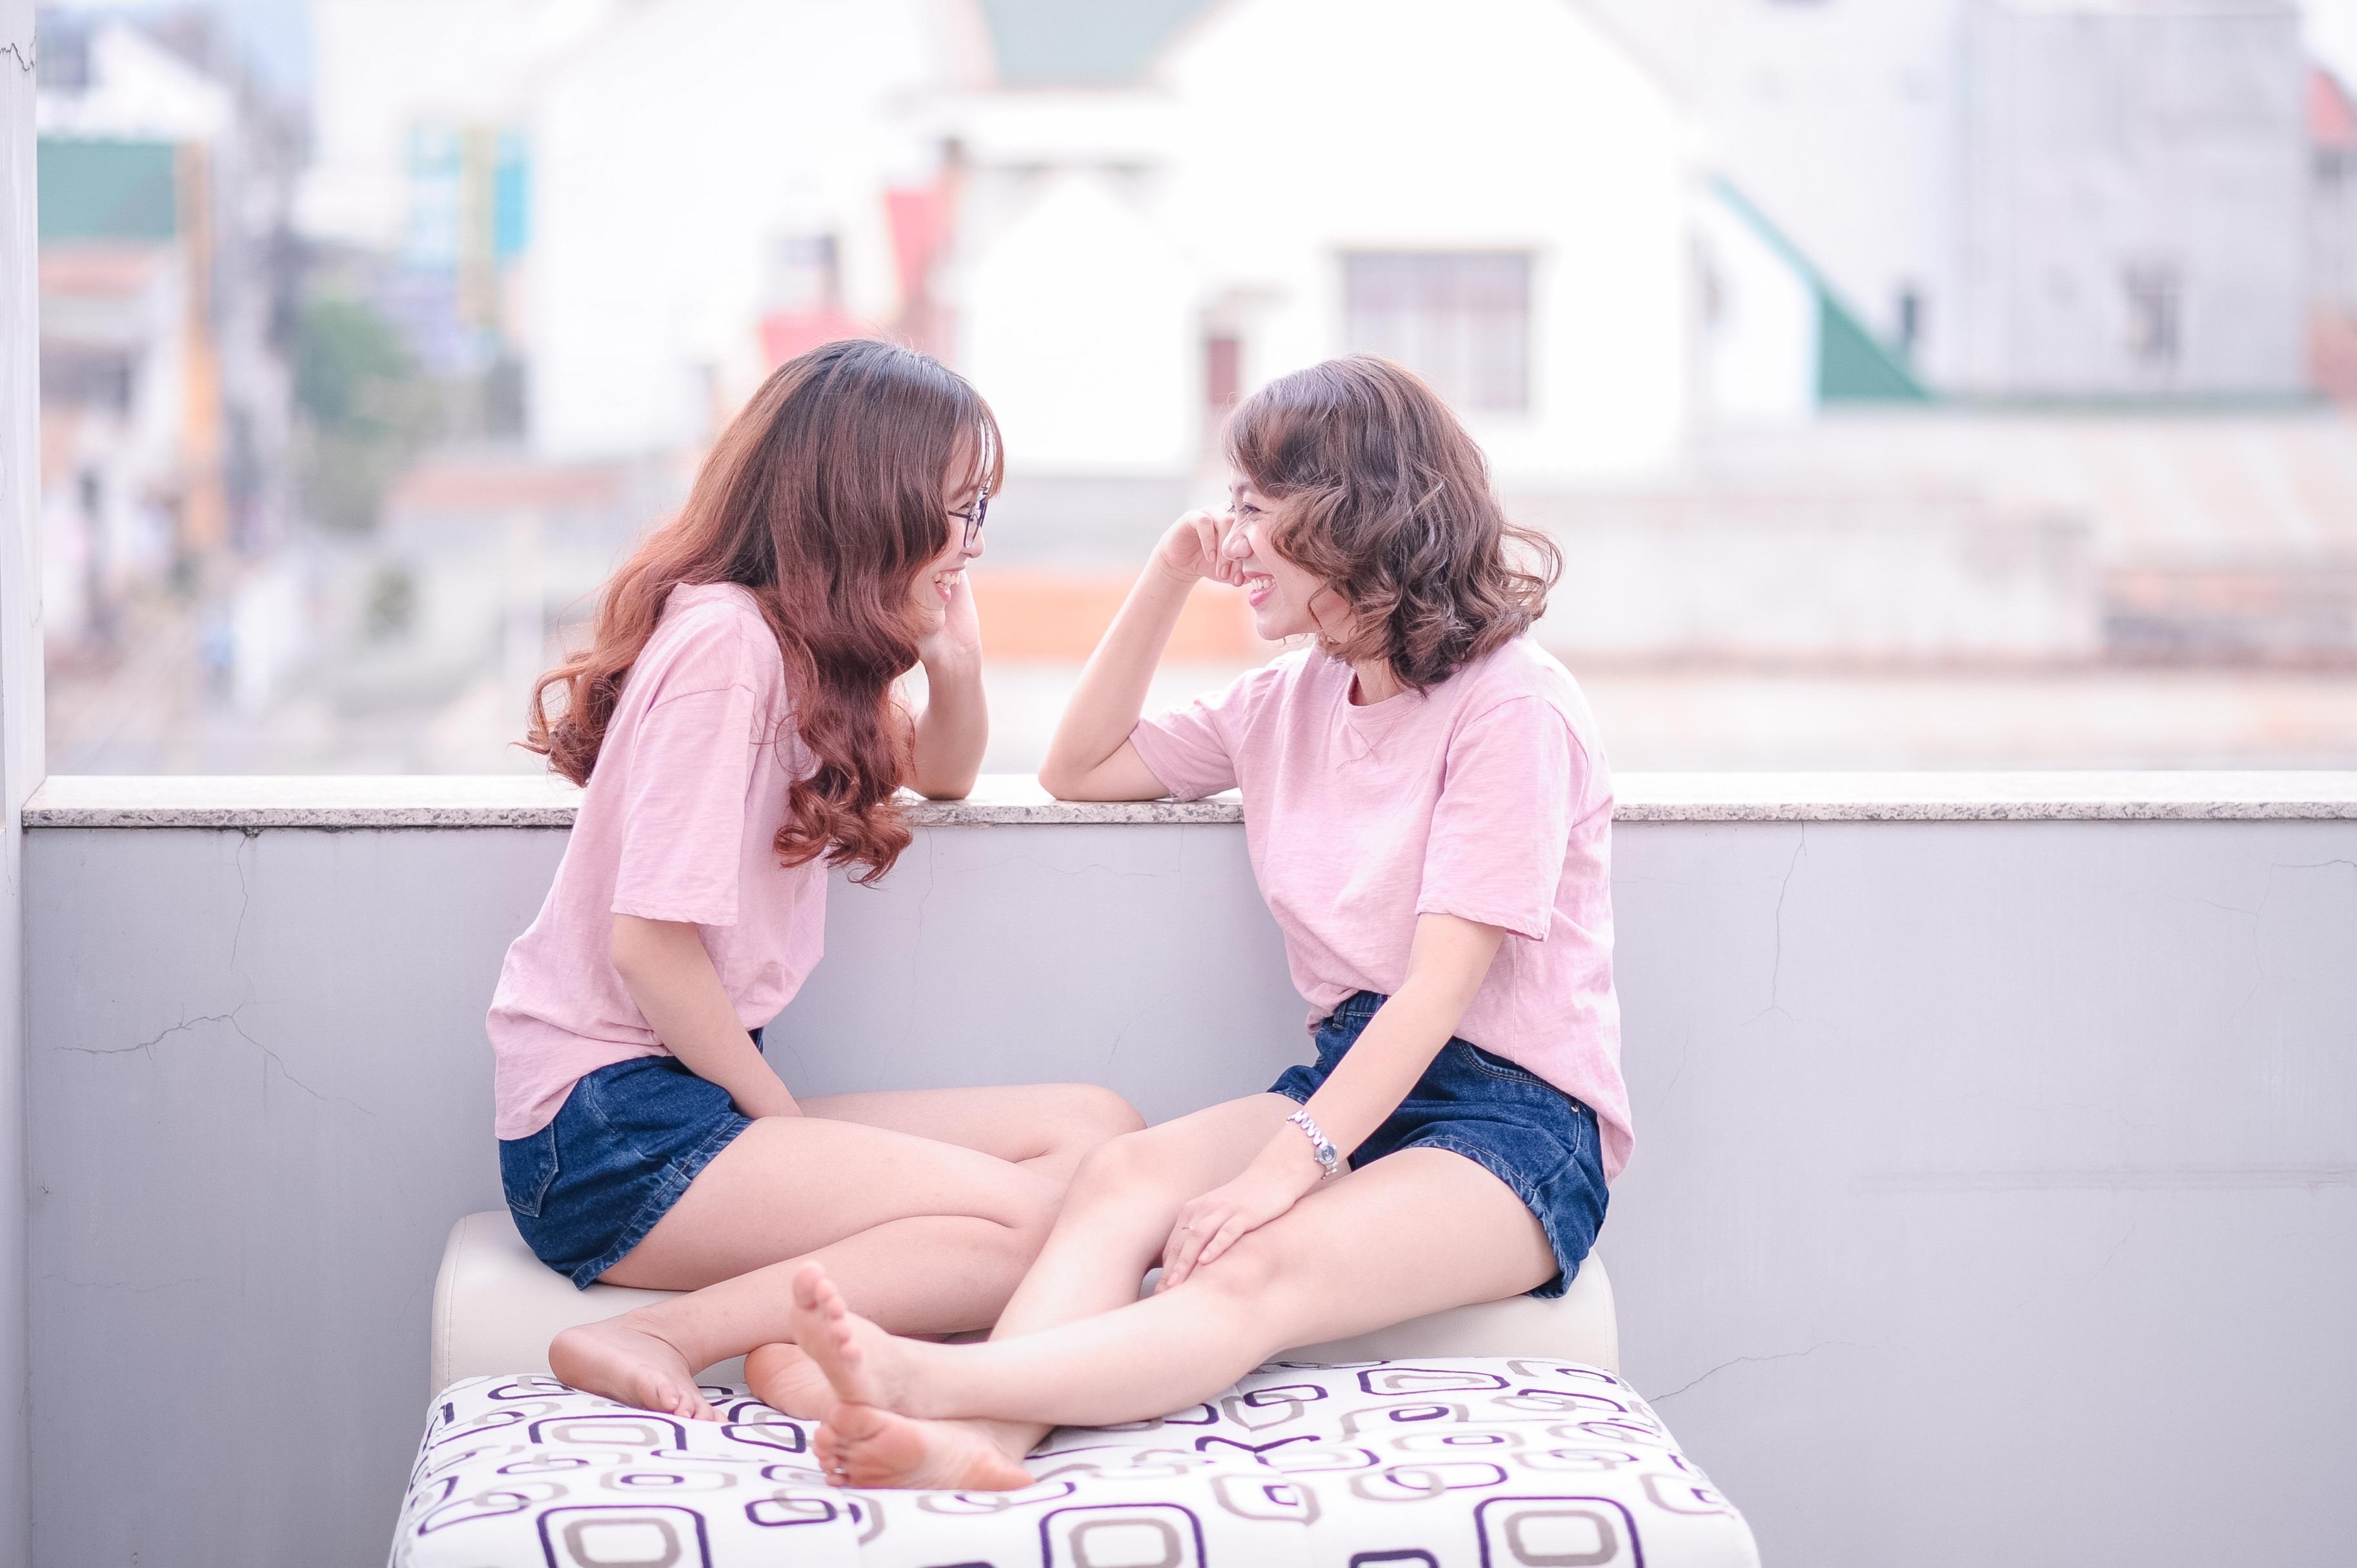 Teen xxx sexy girls outdoors